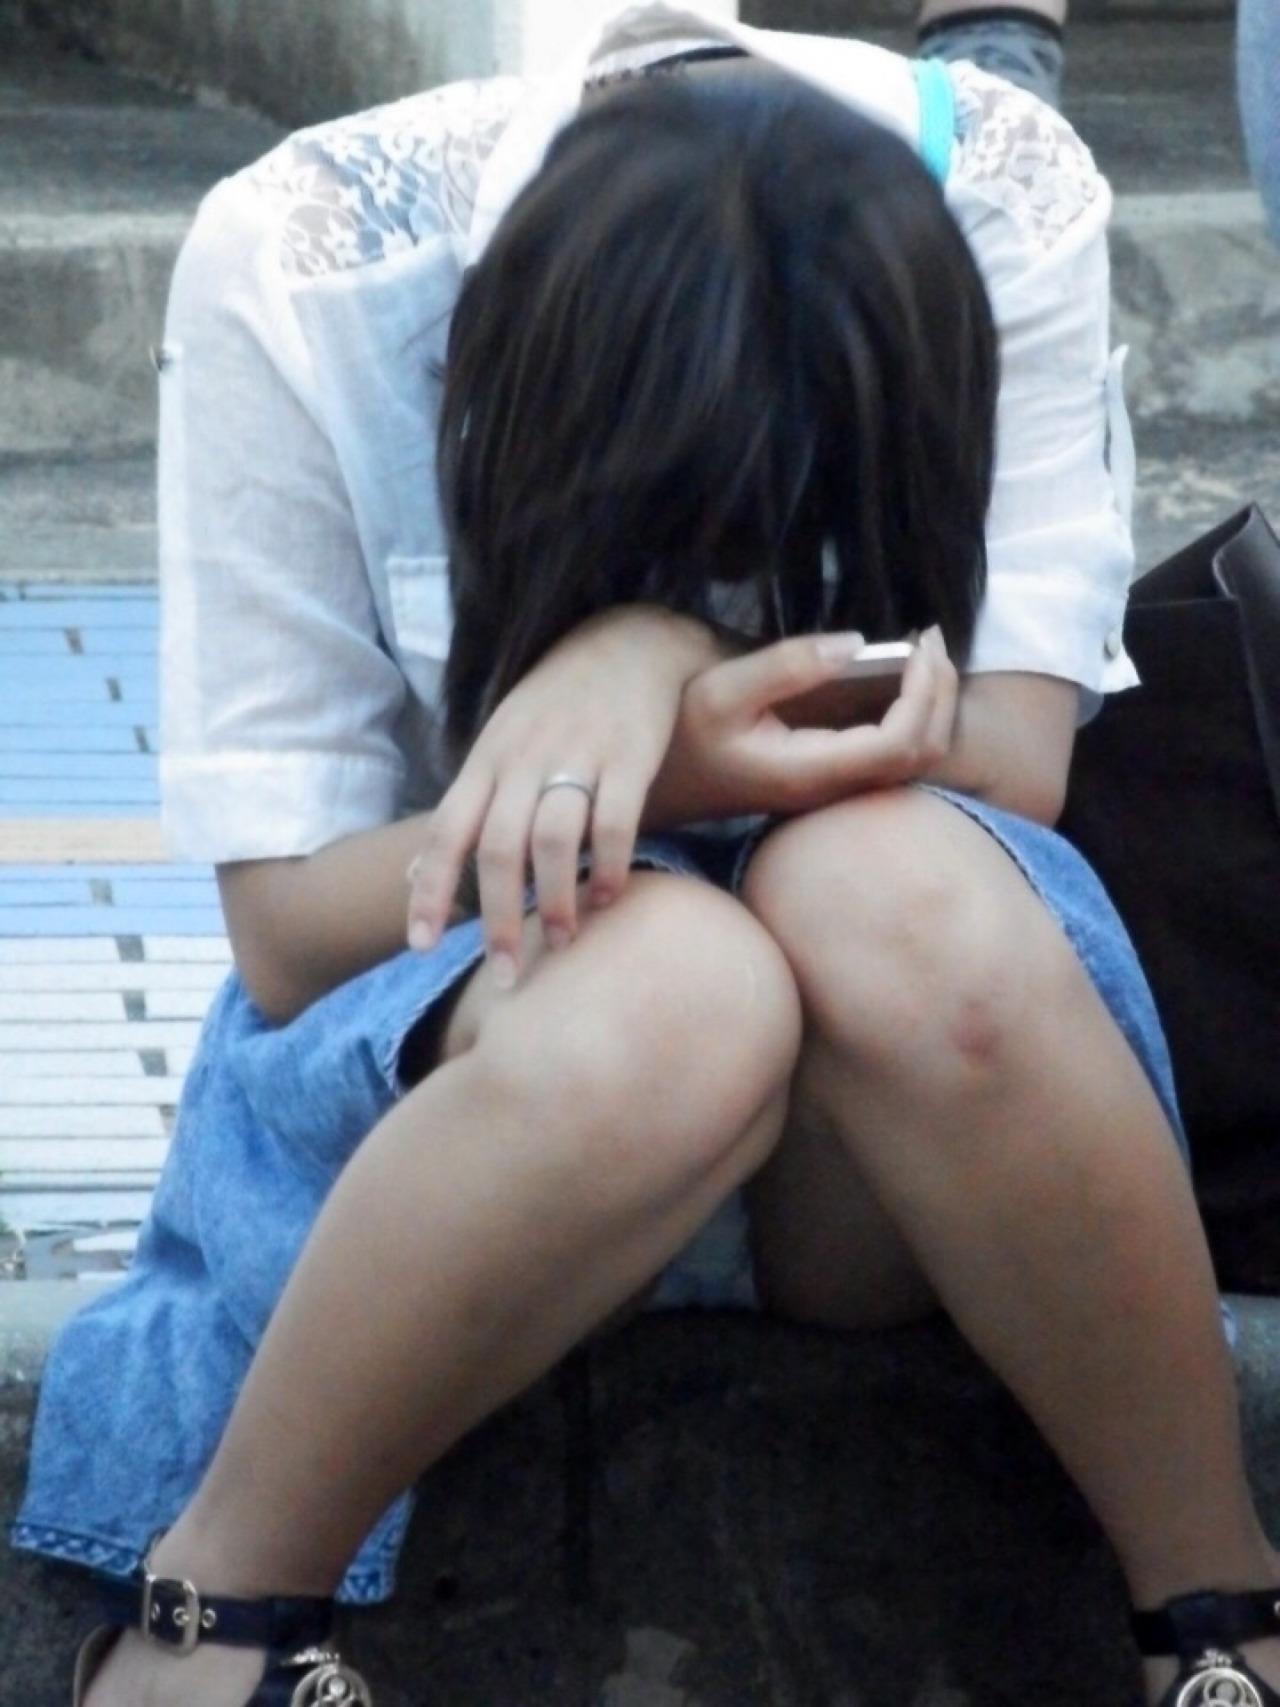 【パンチラ画像】その奥には貴重な…座ると出し惜しみのないミニスカパンチラwww 25